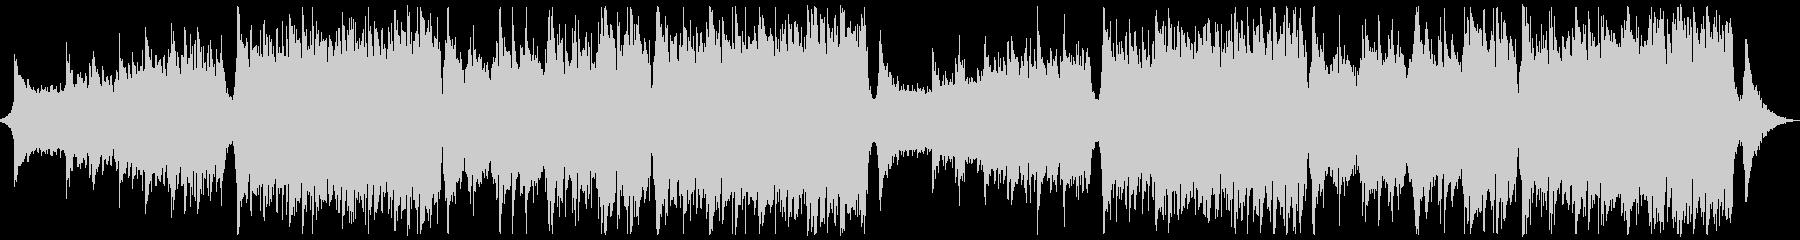 勝利と栄光のオーケストラ x2回の未再生の波形